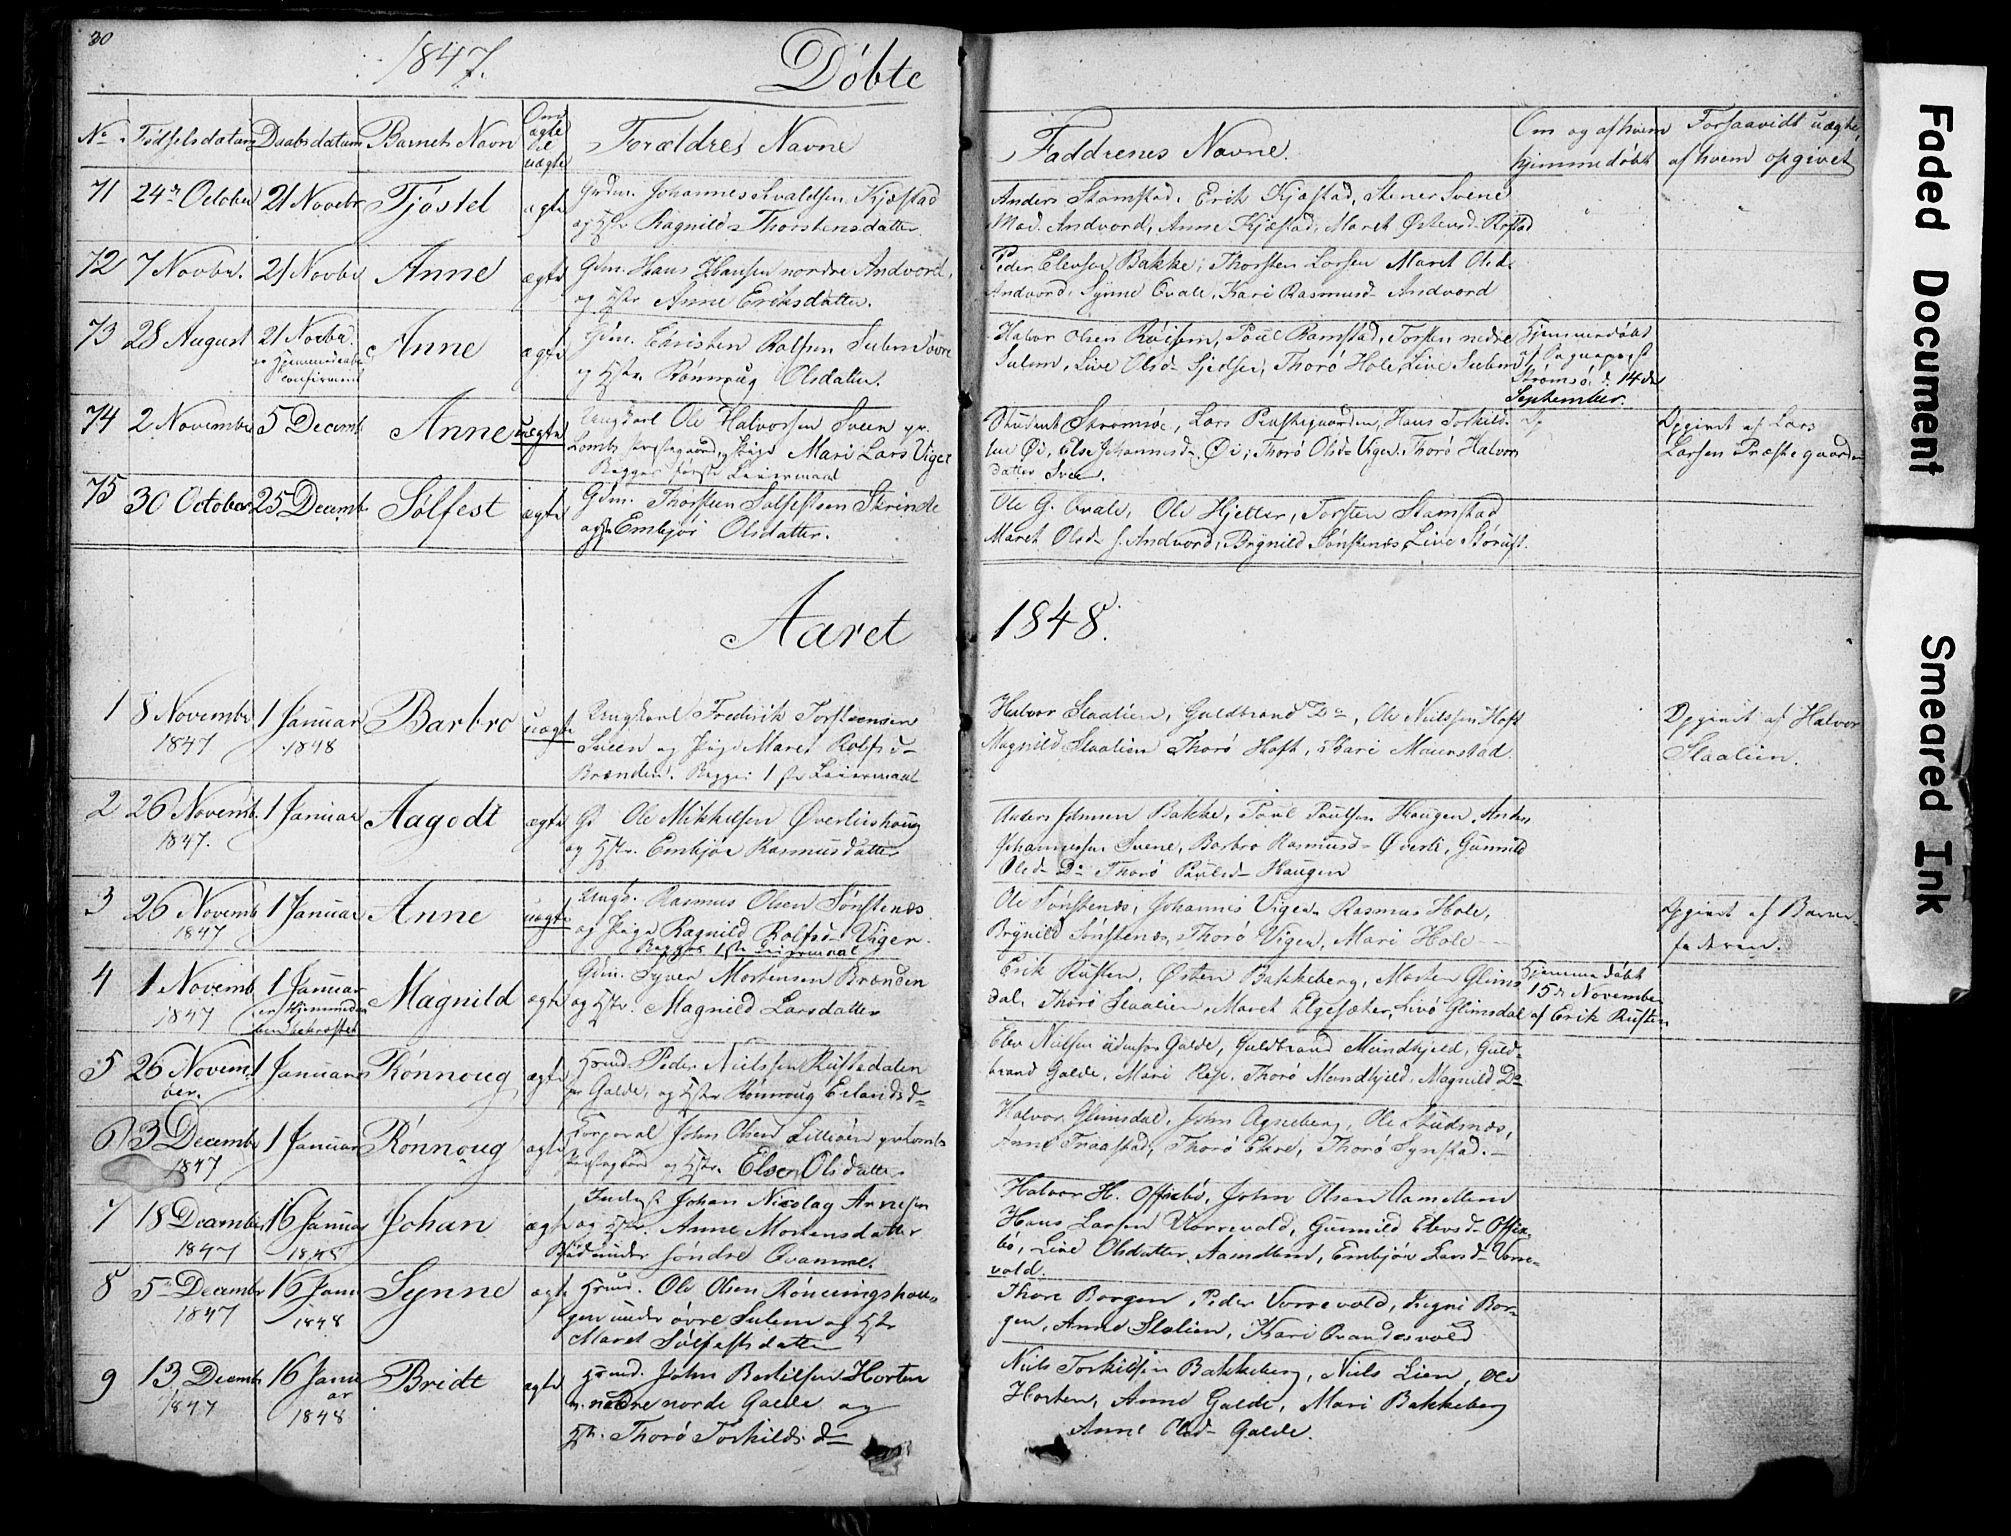 SAH, Lom prestekontor, L/L0012: Klokkerbok nr. 12, 1845-1873, s. 30-31